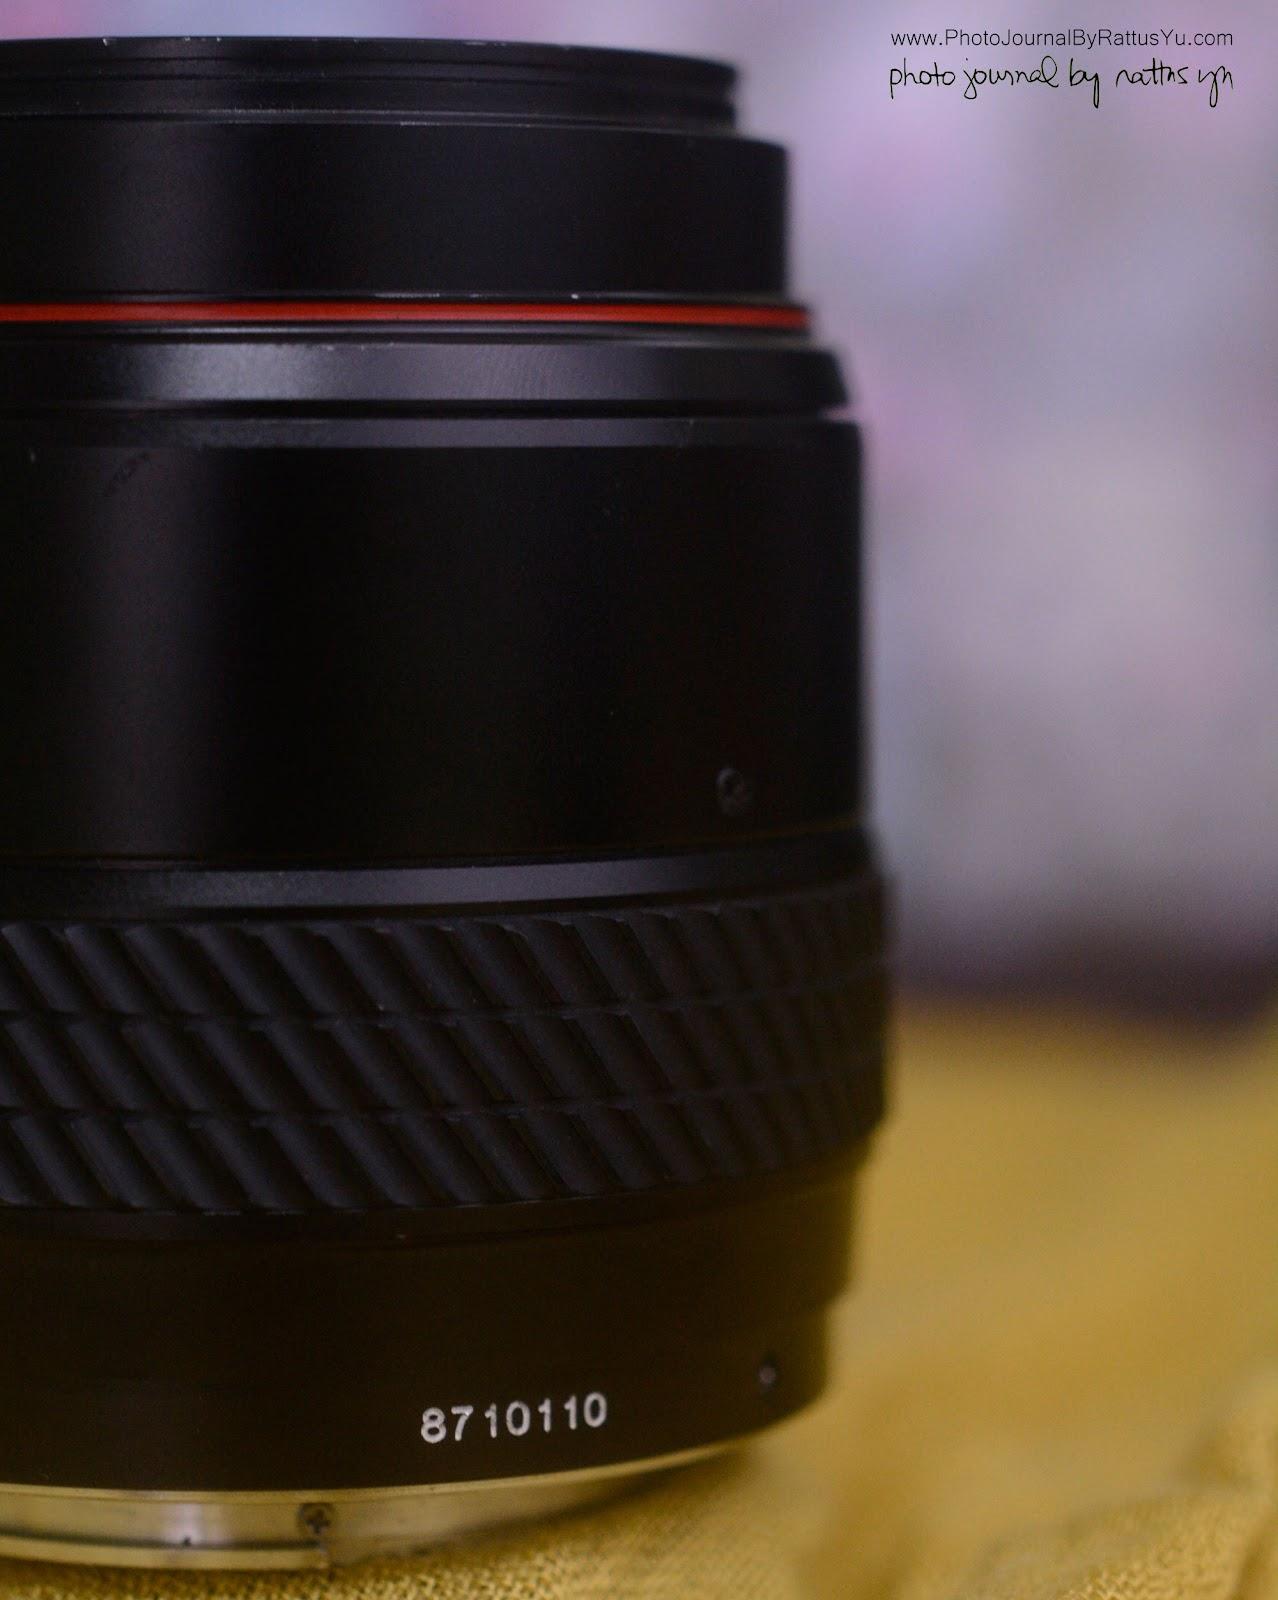 Tokina AF 28-70mm f/3.5-4.5 Macro SD